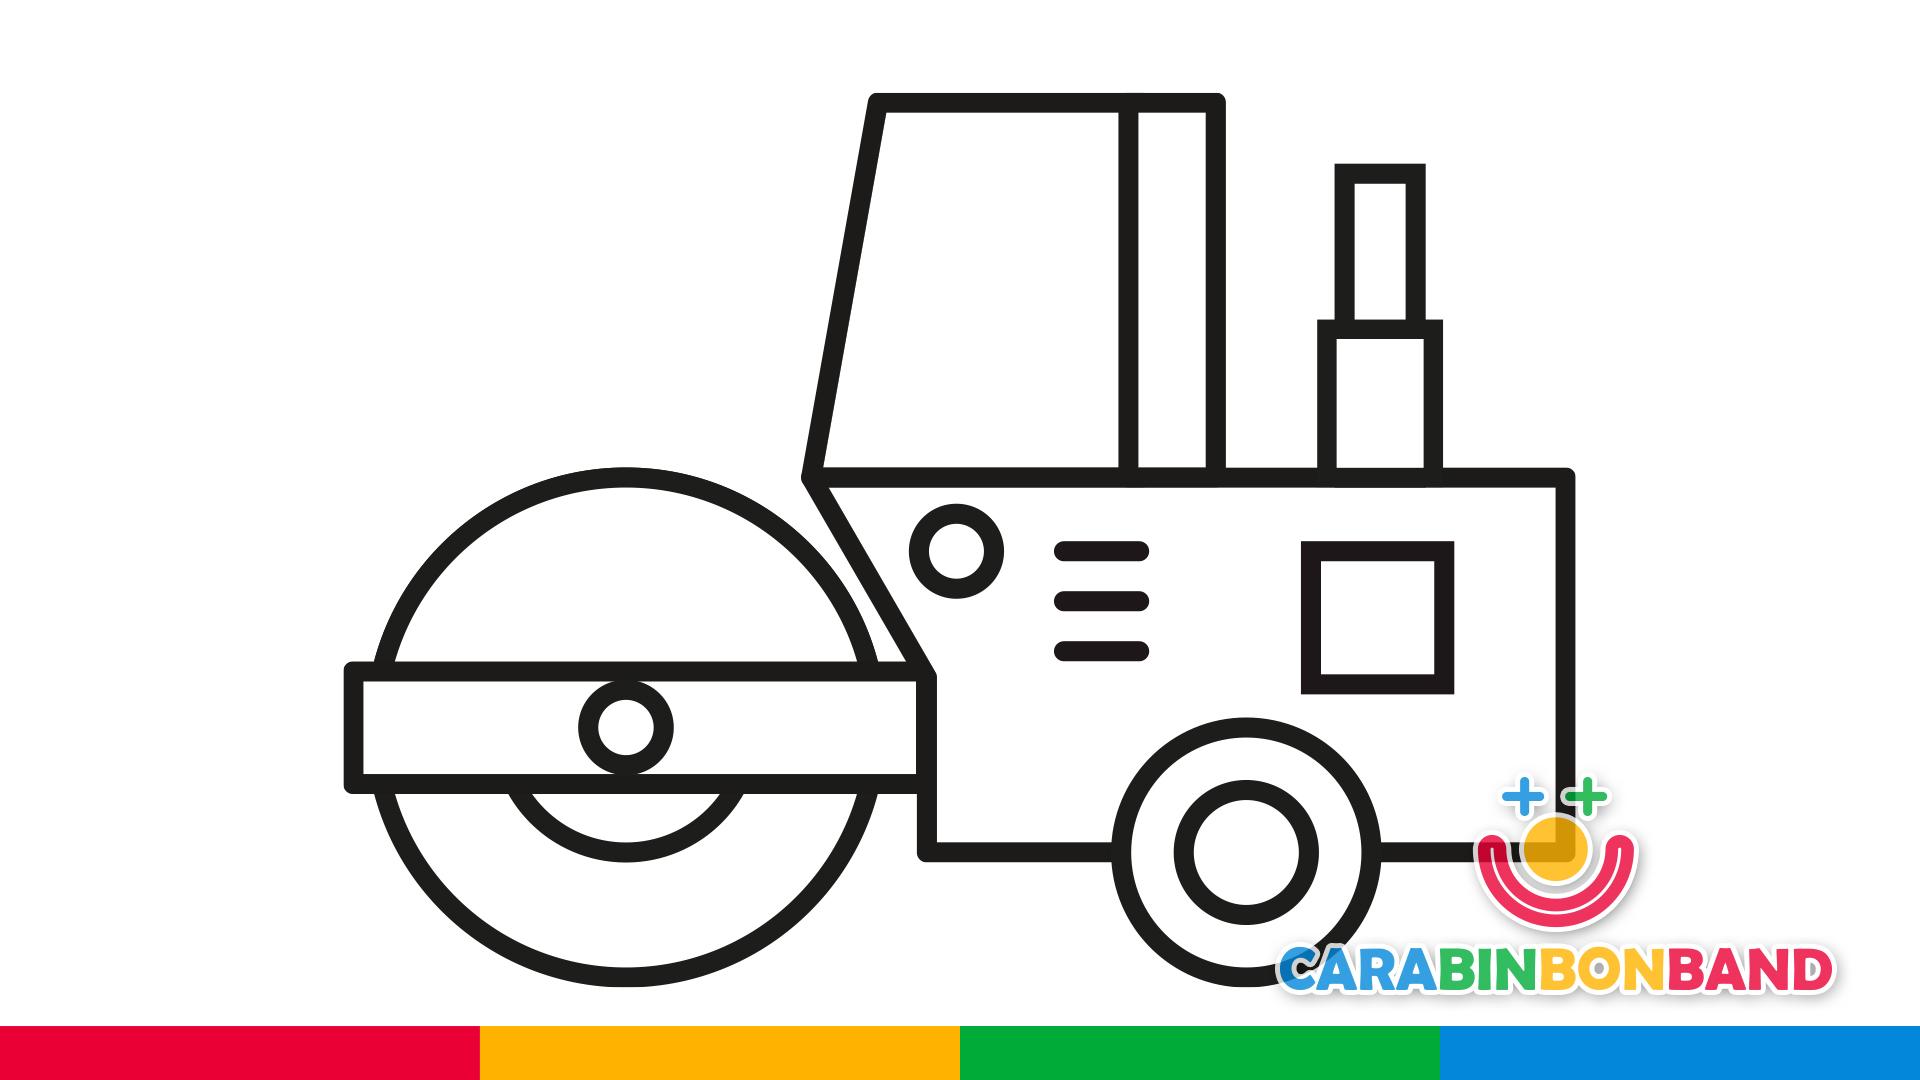 Dibujos fáciles - cómo dibujar y colorear una apisonadora paso a paso para niños